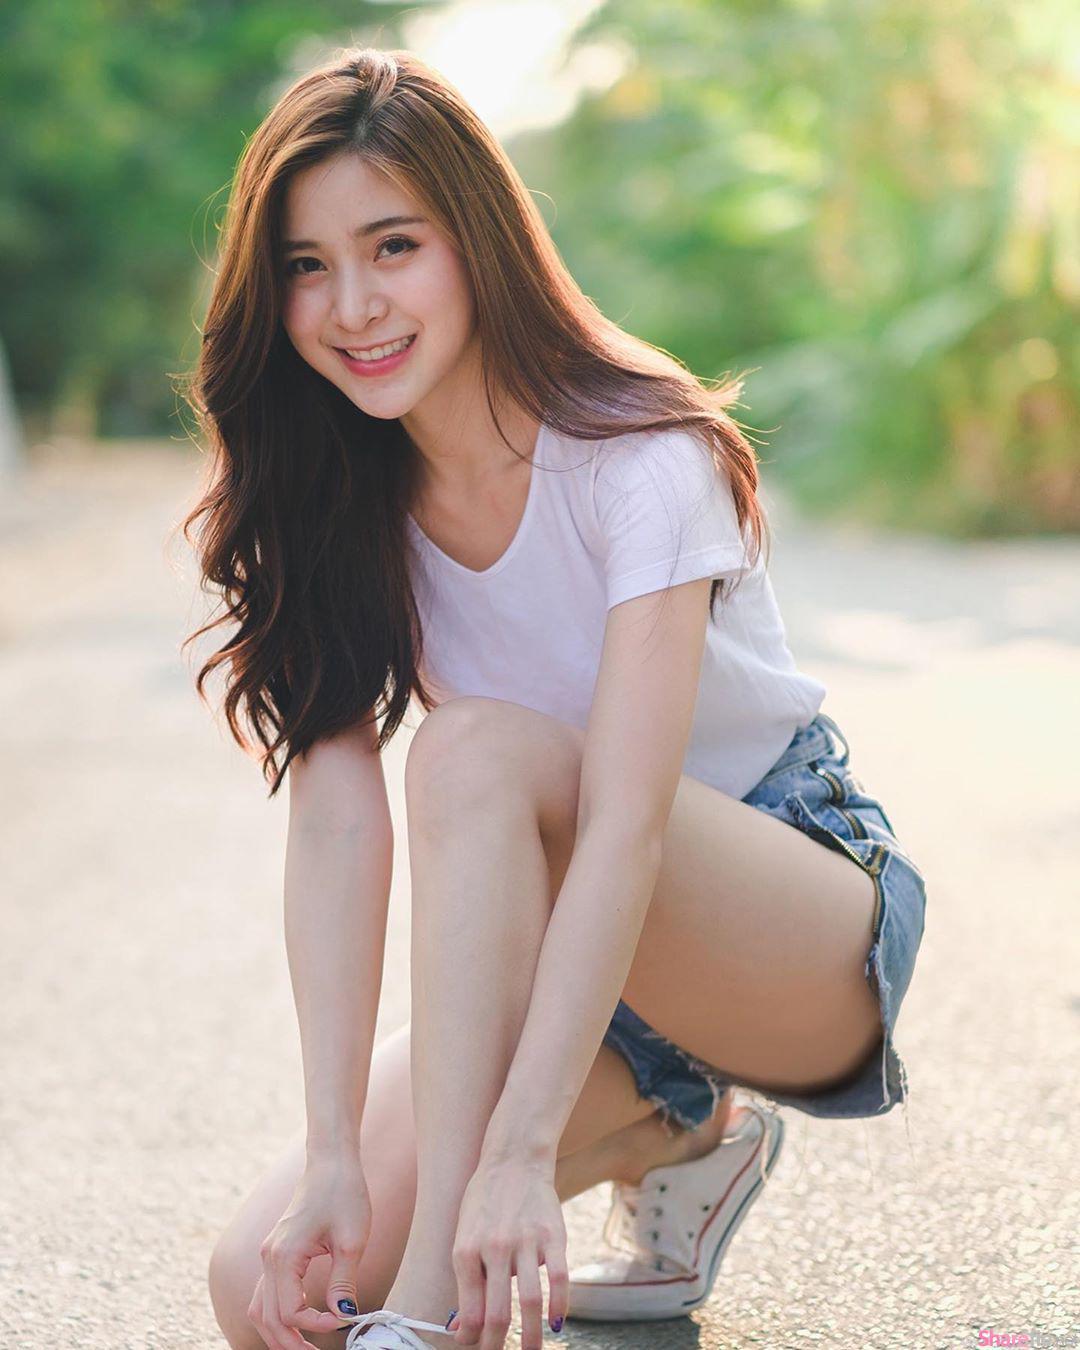 泰国清新正妹笑容满分,逆天白皙美腿超诱人